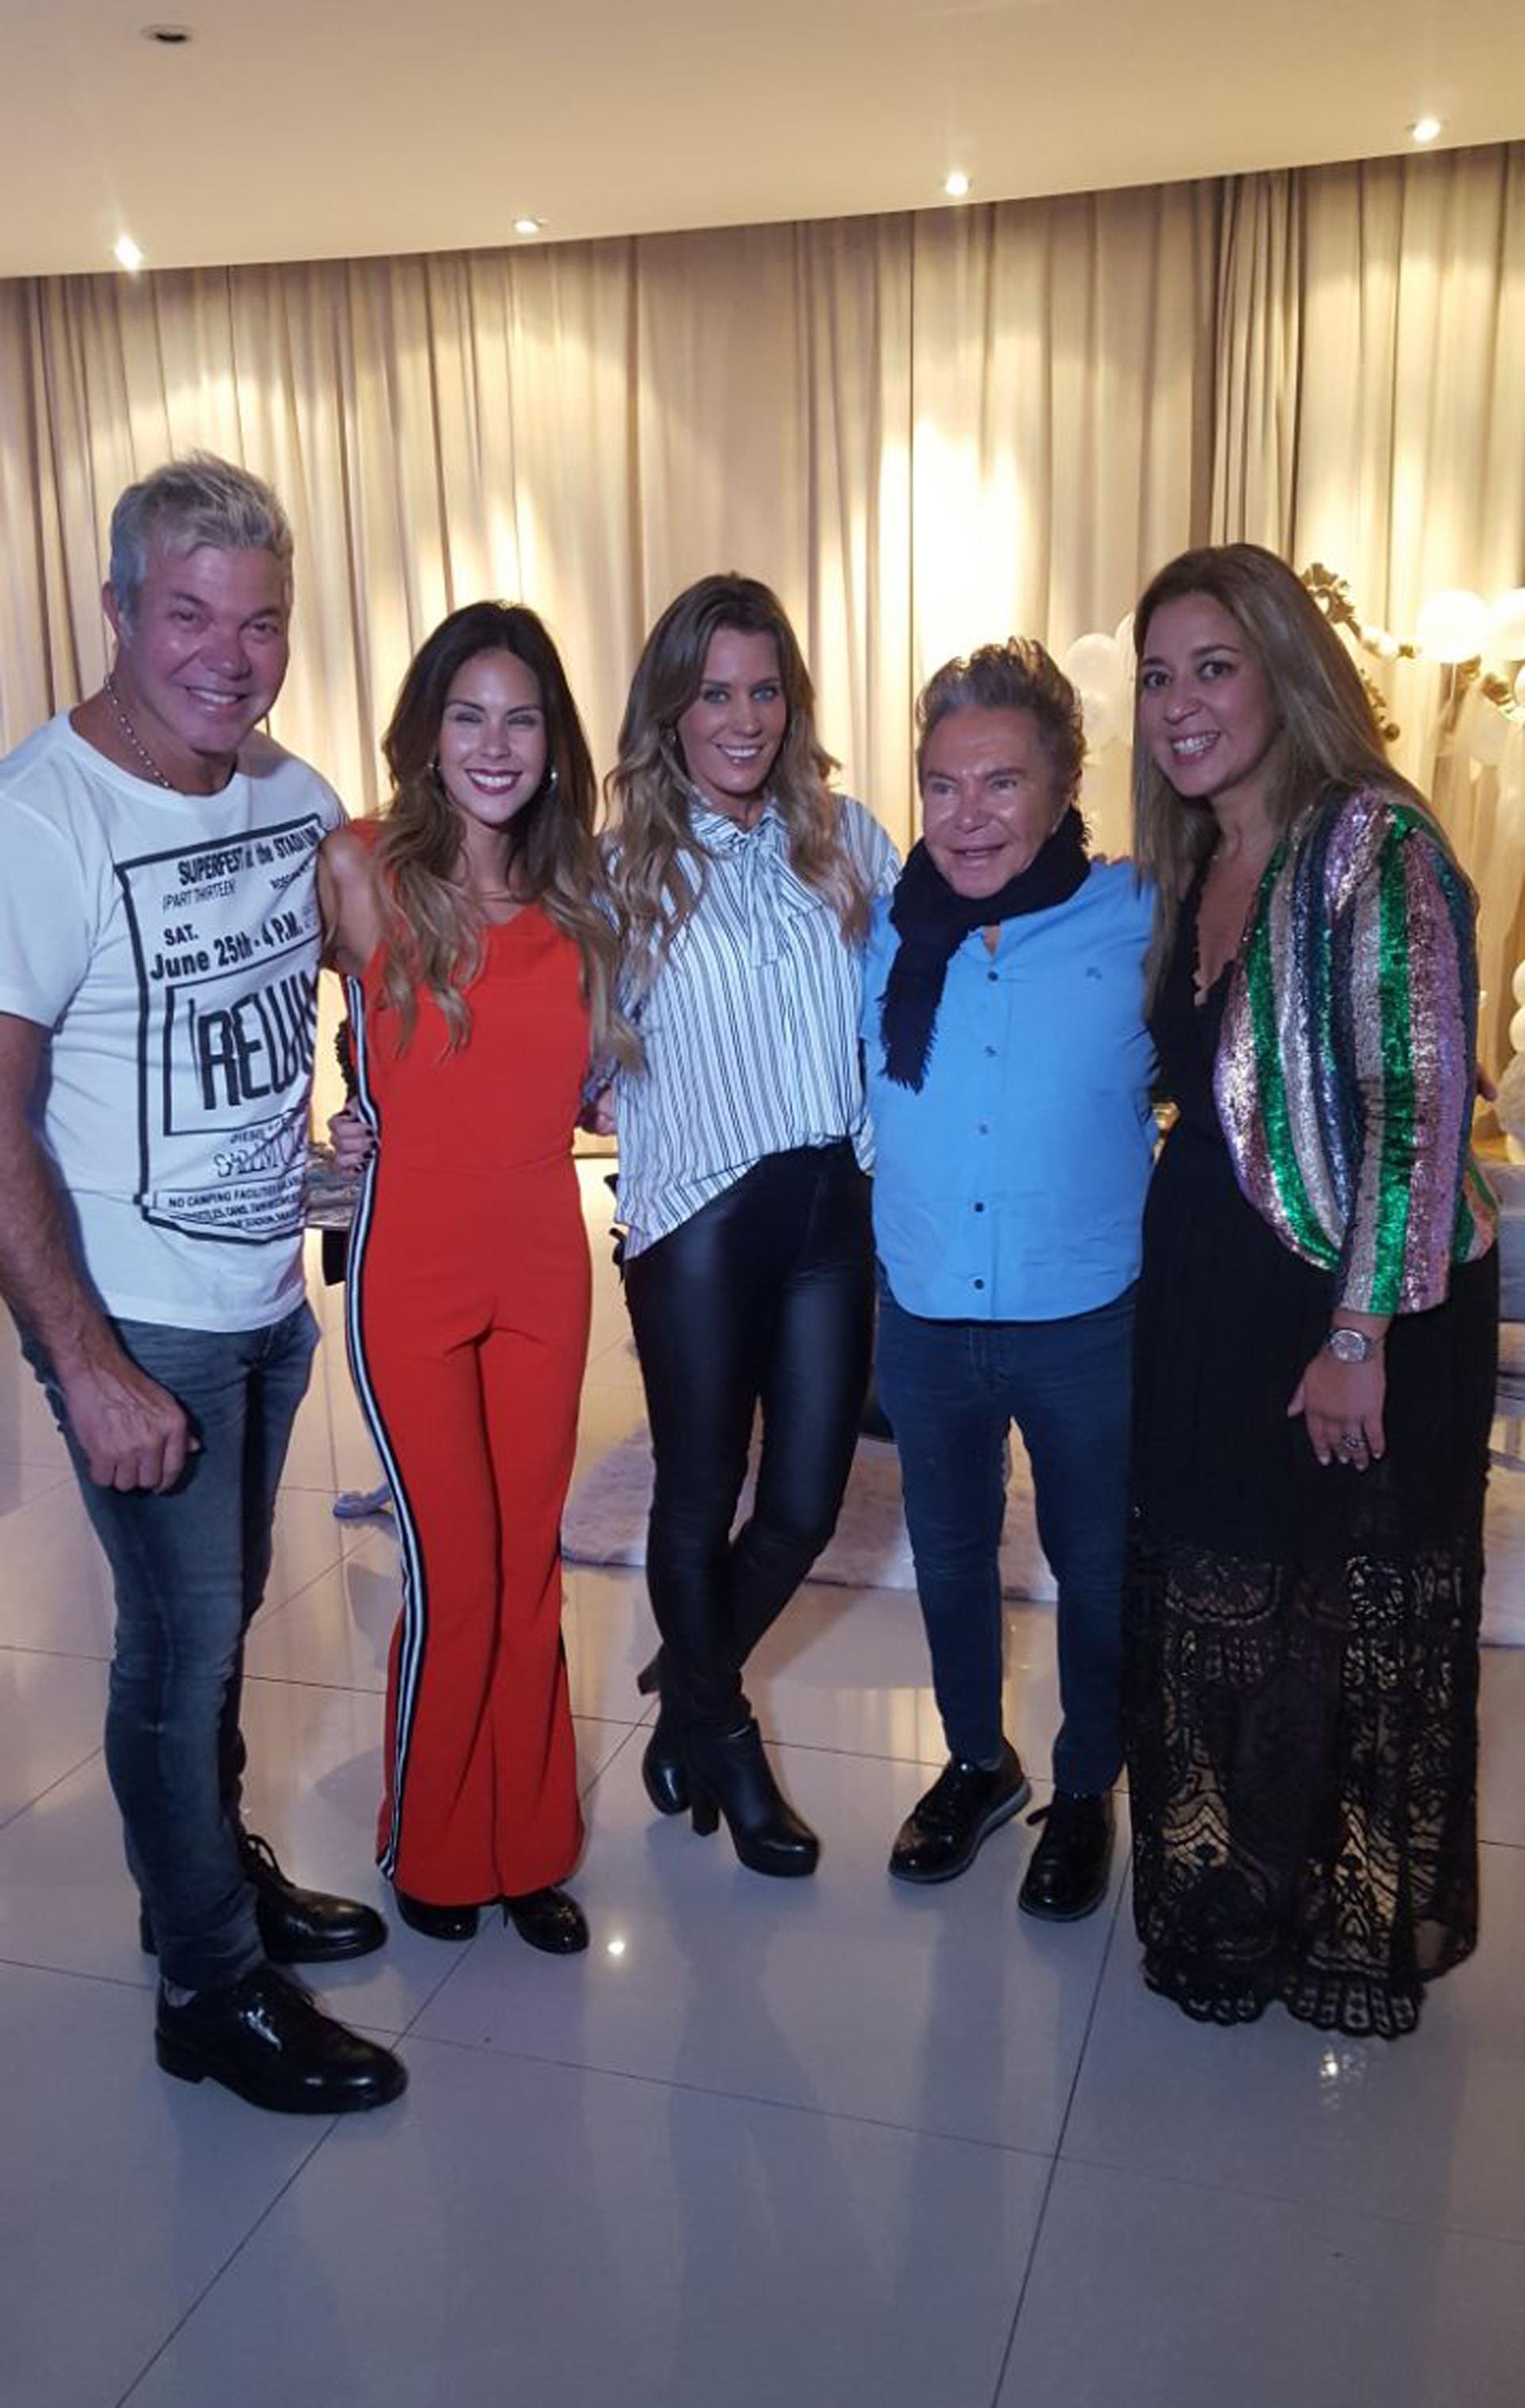 Fernando Burlando, Barby Franco, Rocío Marengo, Felipe Rozenmuter (CEO de Promusica) y María Laura Gregoriadis